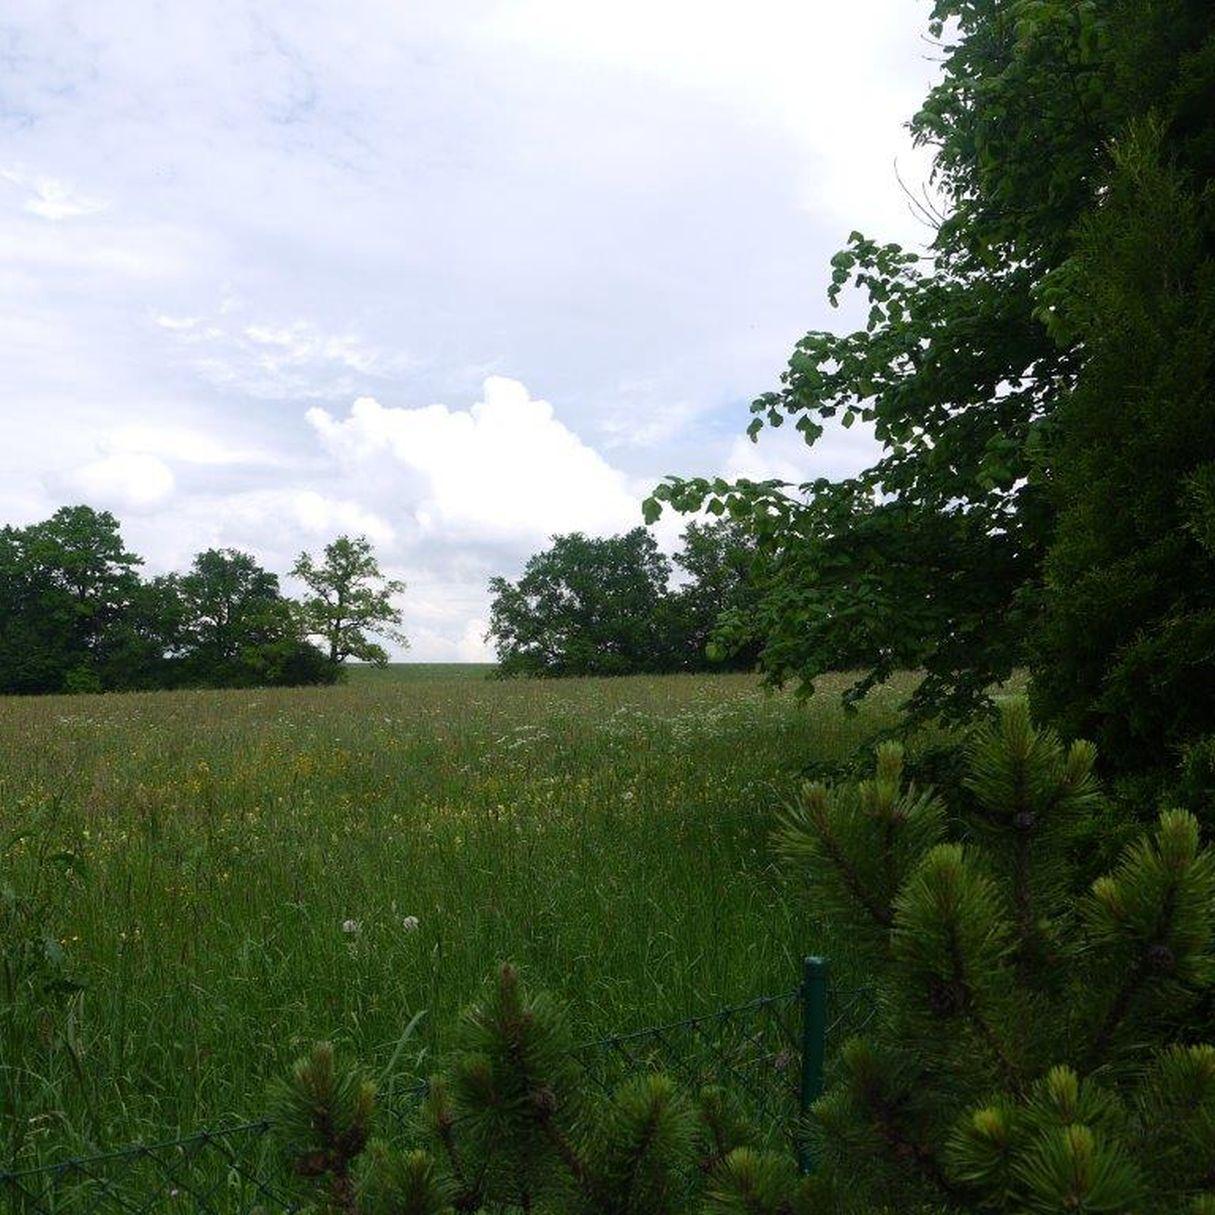 Naturschutzgebiet angrenzend an das Landhaus in Berg im toskanischen Stil